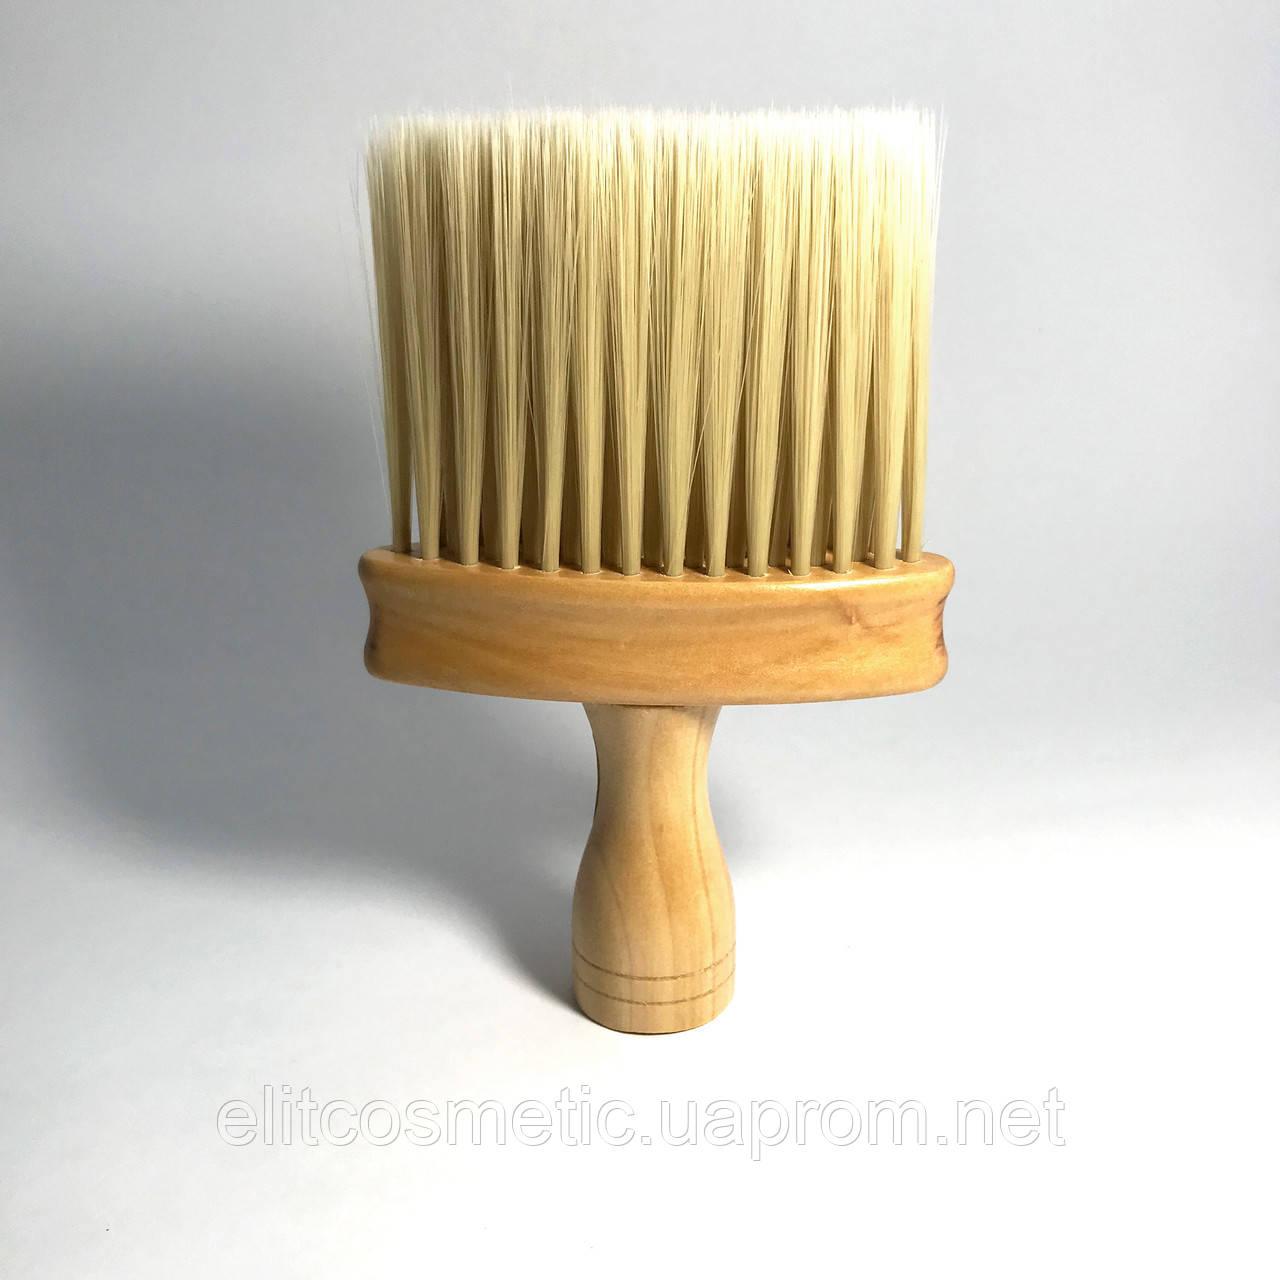 Сметка для волос DenIS professional барбер золотой ворс